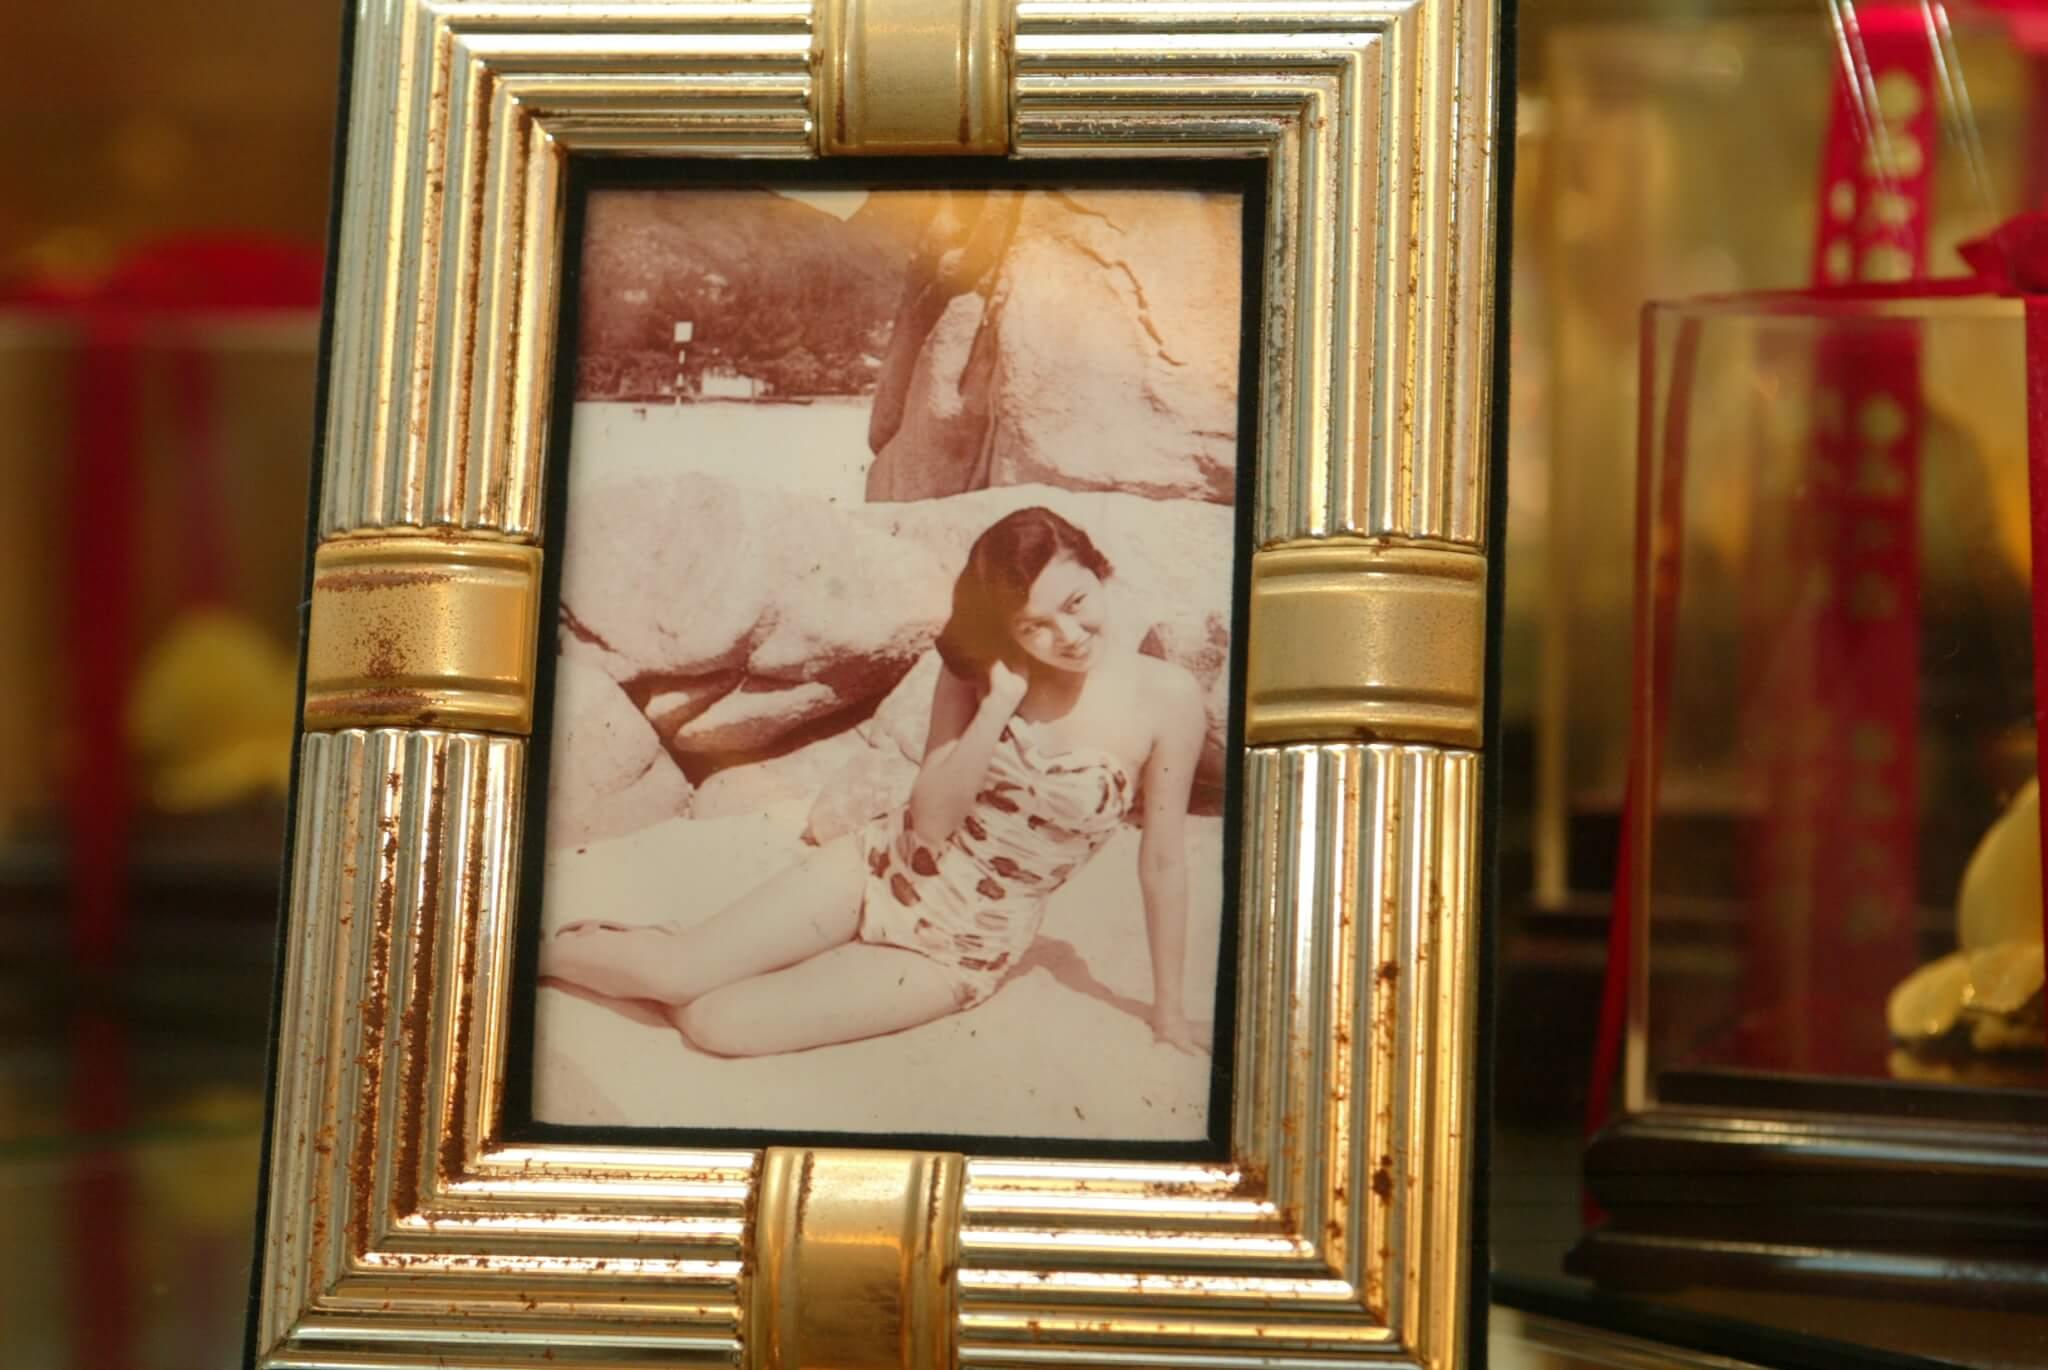 粵語片時代,琴姐是性感尤物,當然有不少珍貴泳衣照。